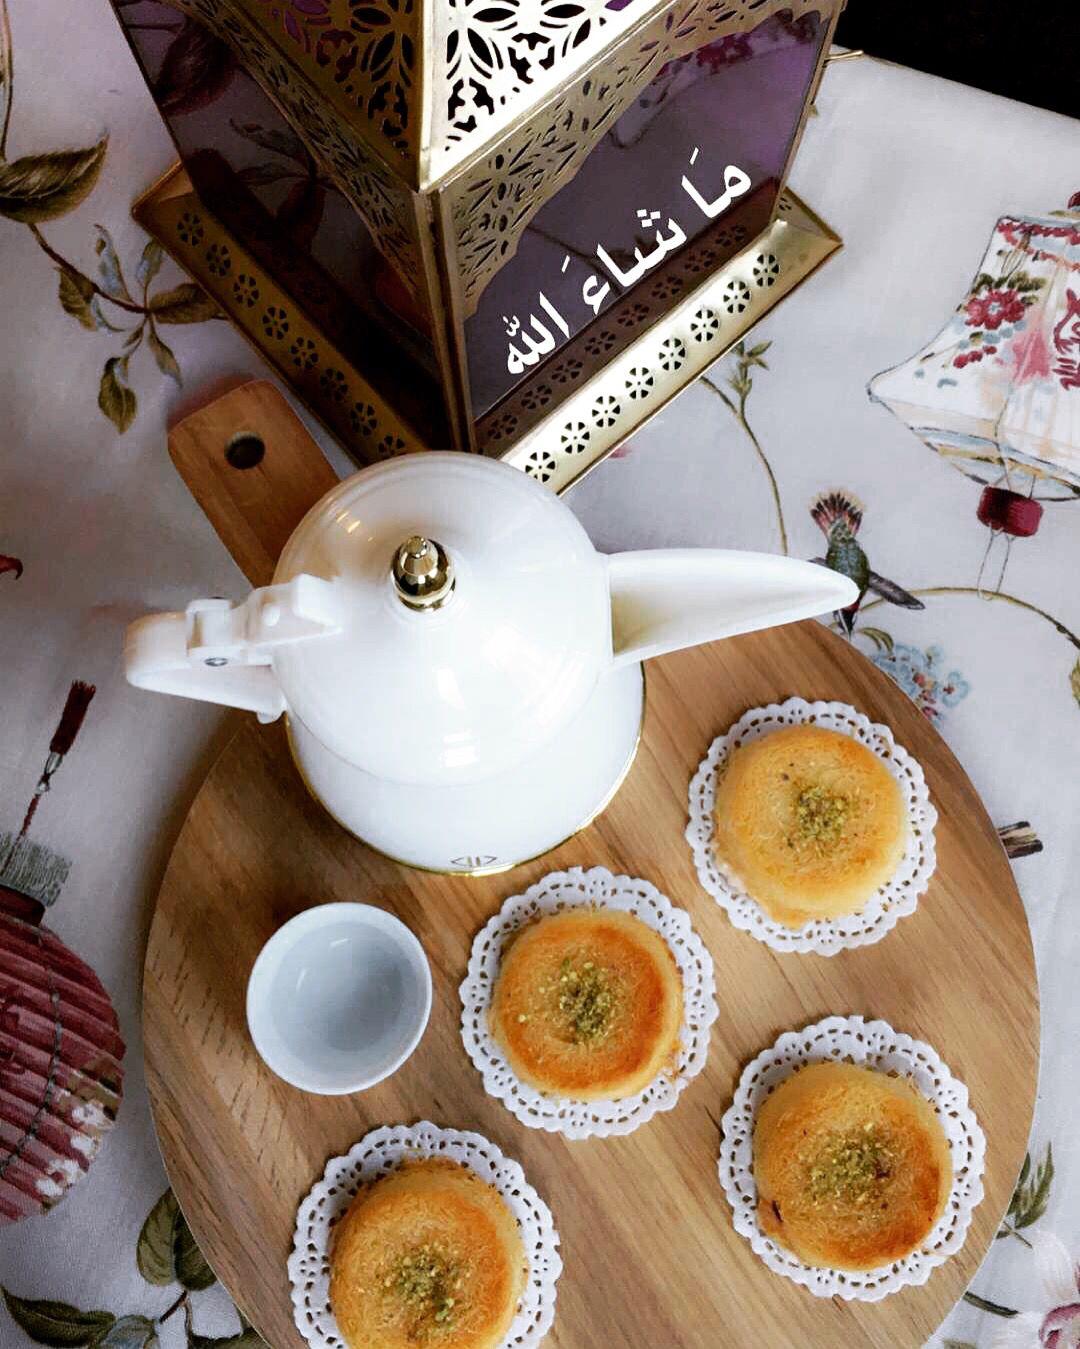 رمضان كريم كنافه فانوس قهوه Ramadan Kareem Food Cute Summer Outfits Camembert Cheese